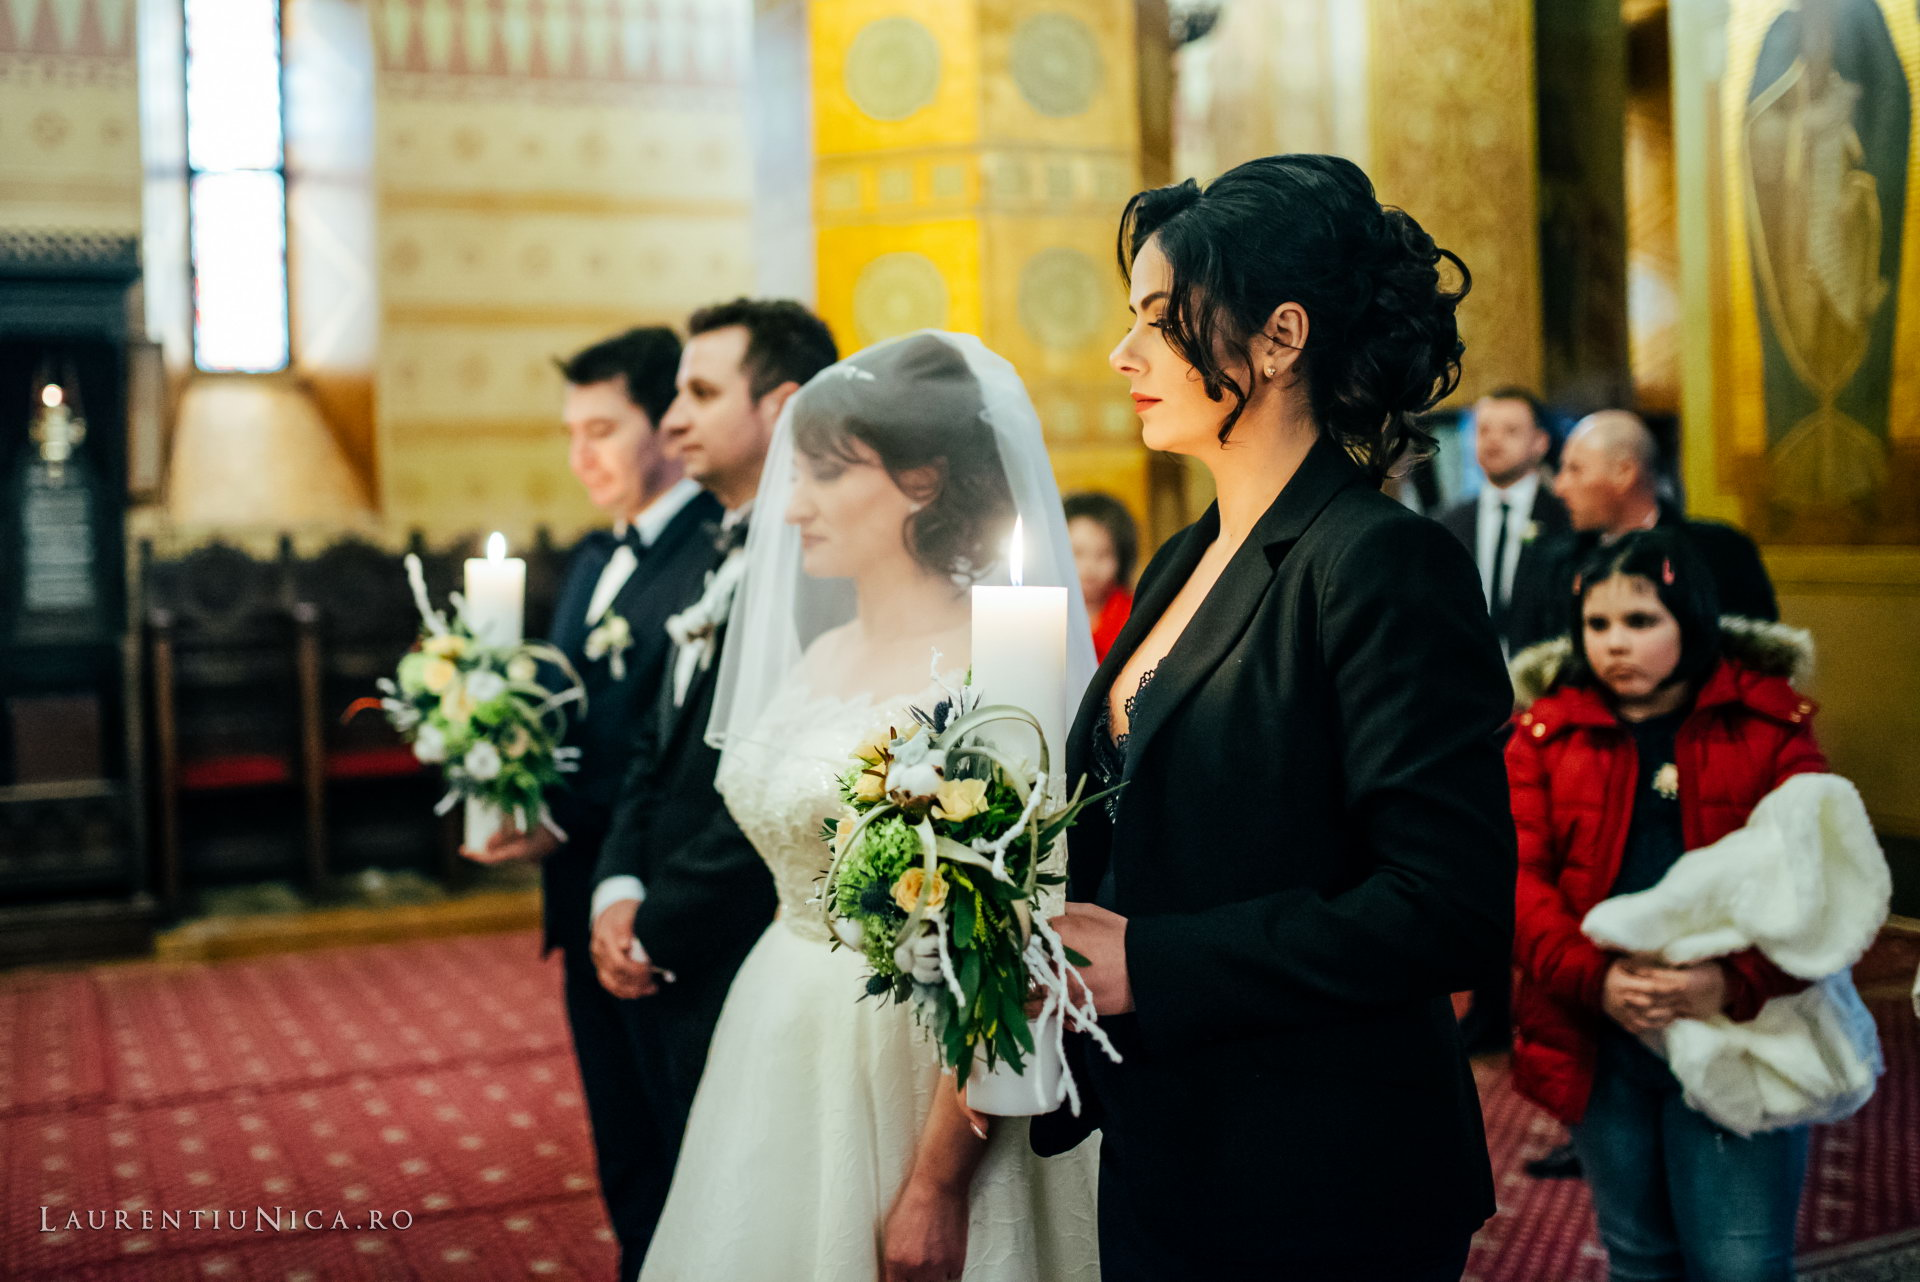 daniela si marius fotografii nunta craiova laurentiu nica21 - Daniela & Marius | Fotografii nunta